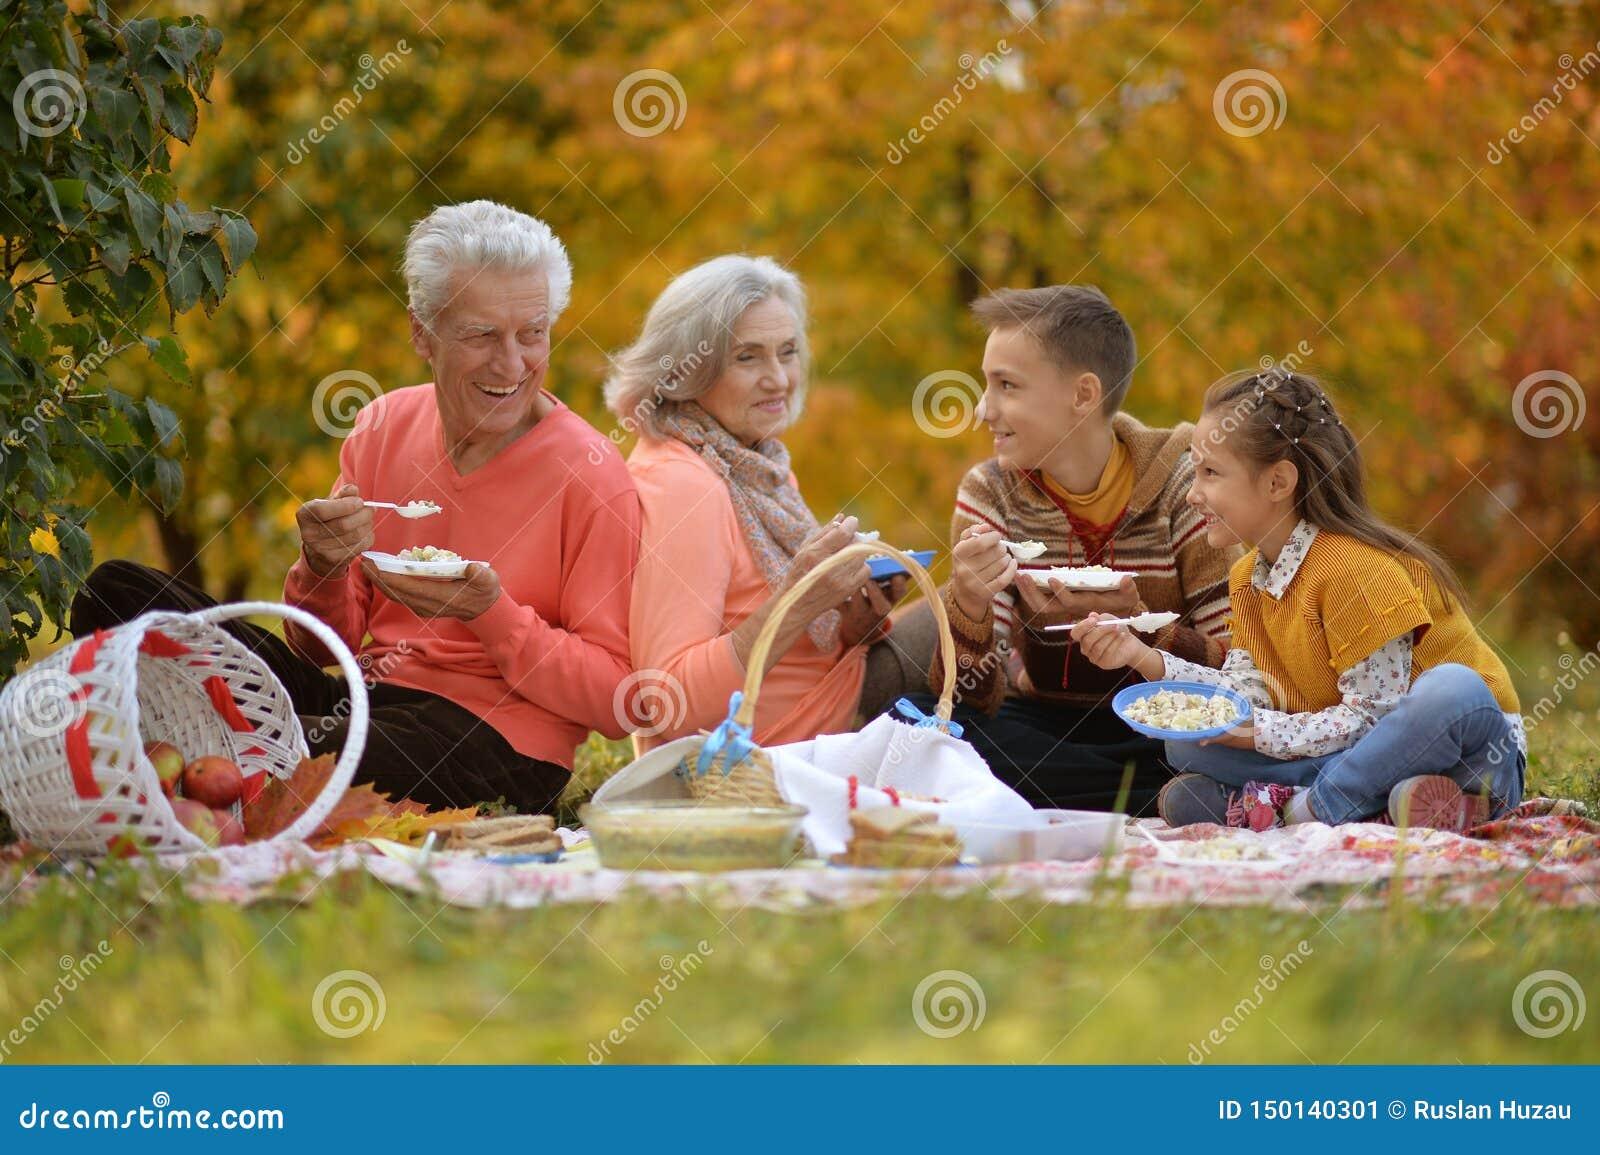 Portret van familie op picknick in de herfst